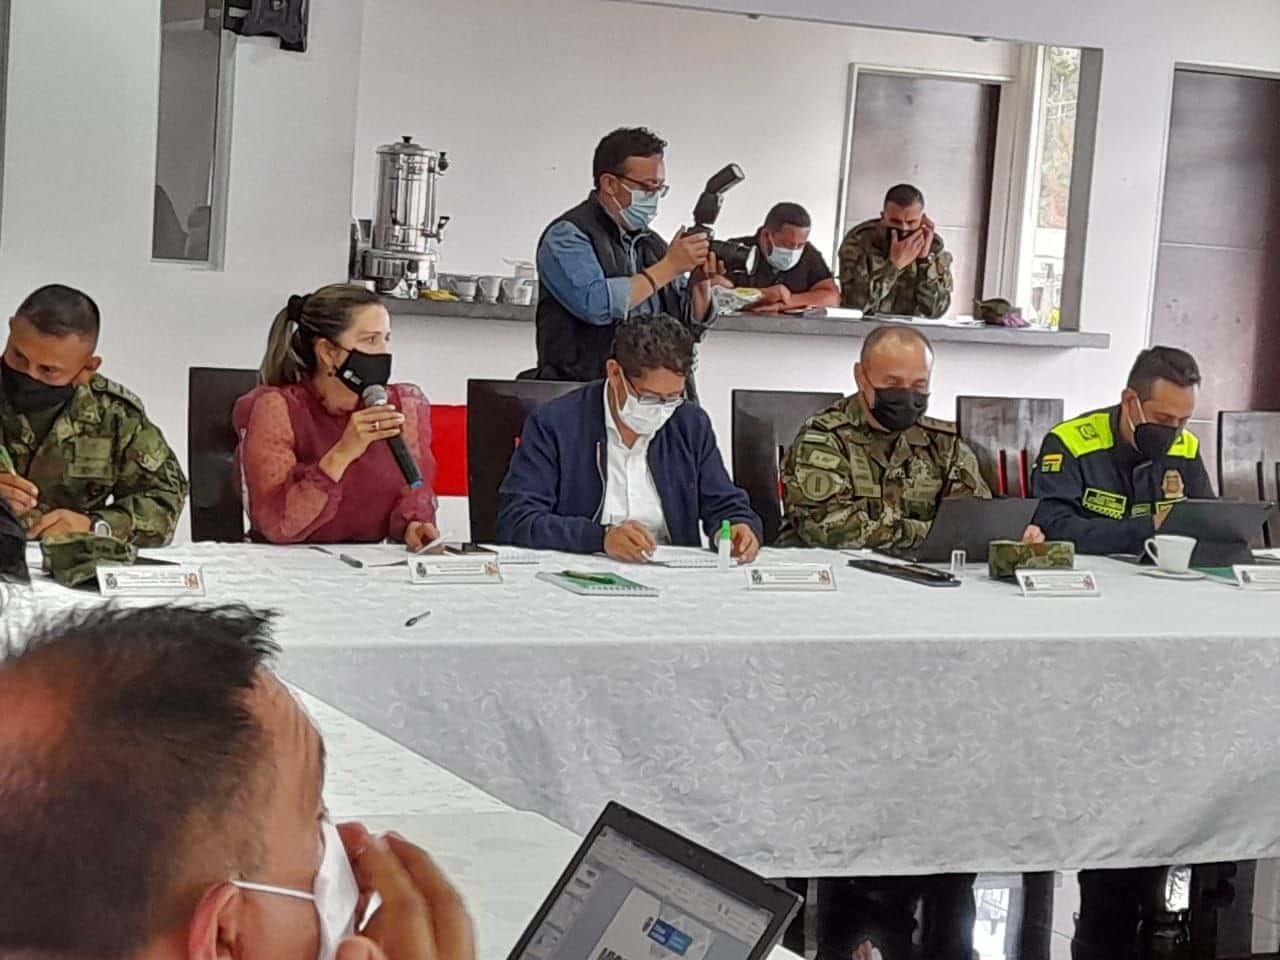 En el consejo de seguridad llevado a cabo esta semana con los alcaldes de la provincia de Sugamuxi se anunciaron varias medidas. Foto: archivo particular